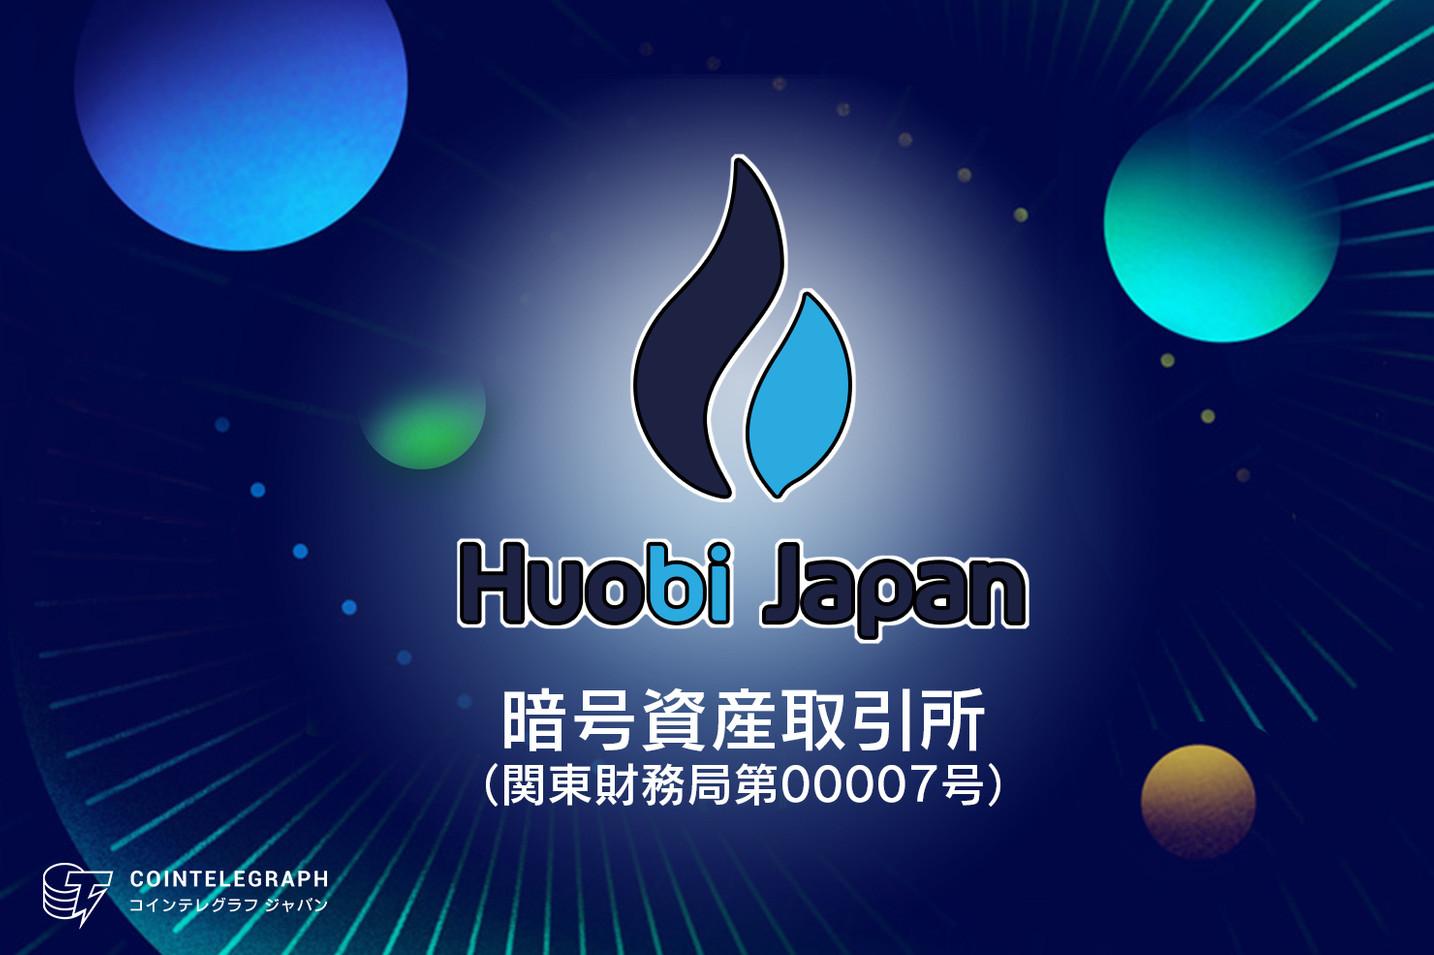 フォビジャパンが市場動向や技術情報を紹介するブログを開設!